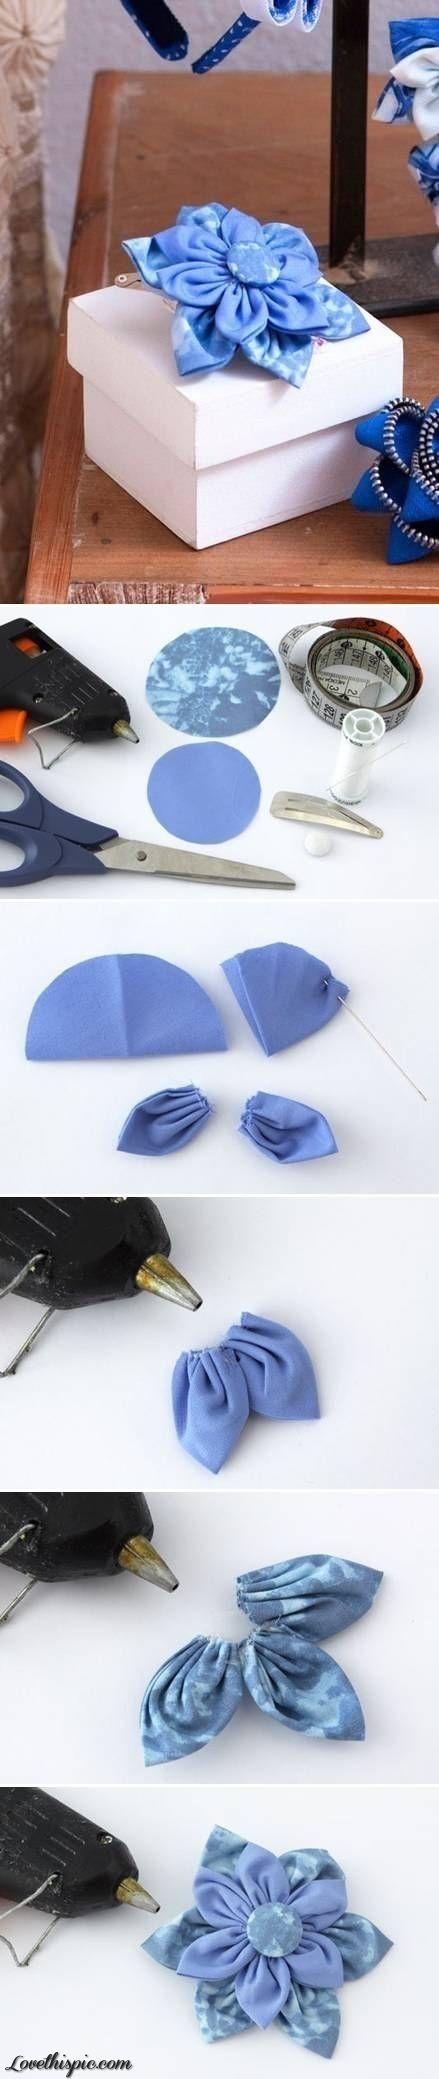 12 Useful DIY Fashion Ideas